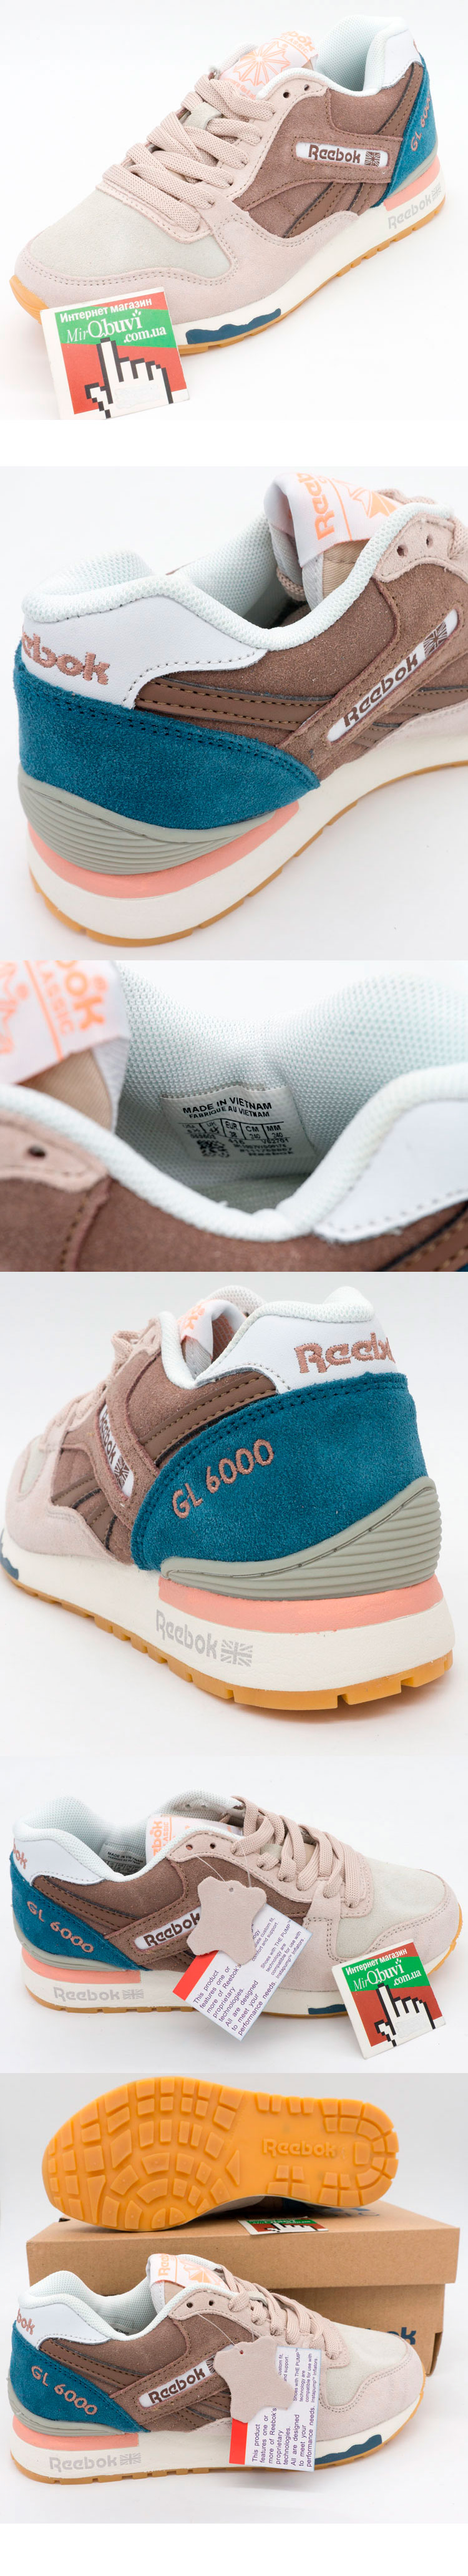 большое фото №5 Женские кроссовки Reebok GL6000 коричнево синие (натуральная замша)